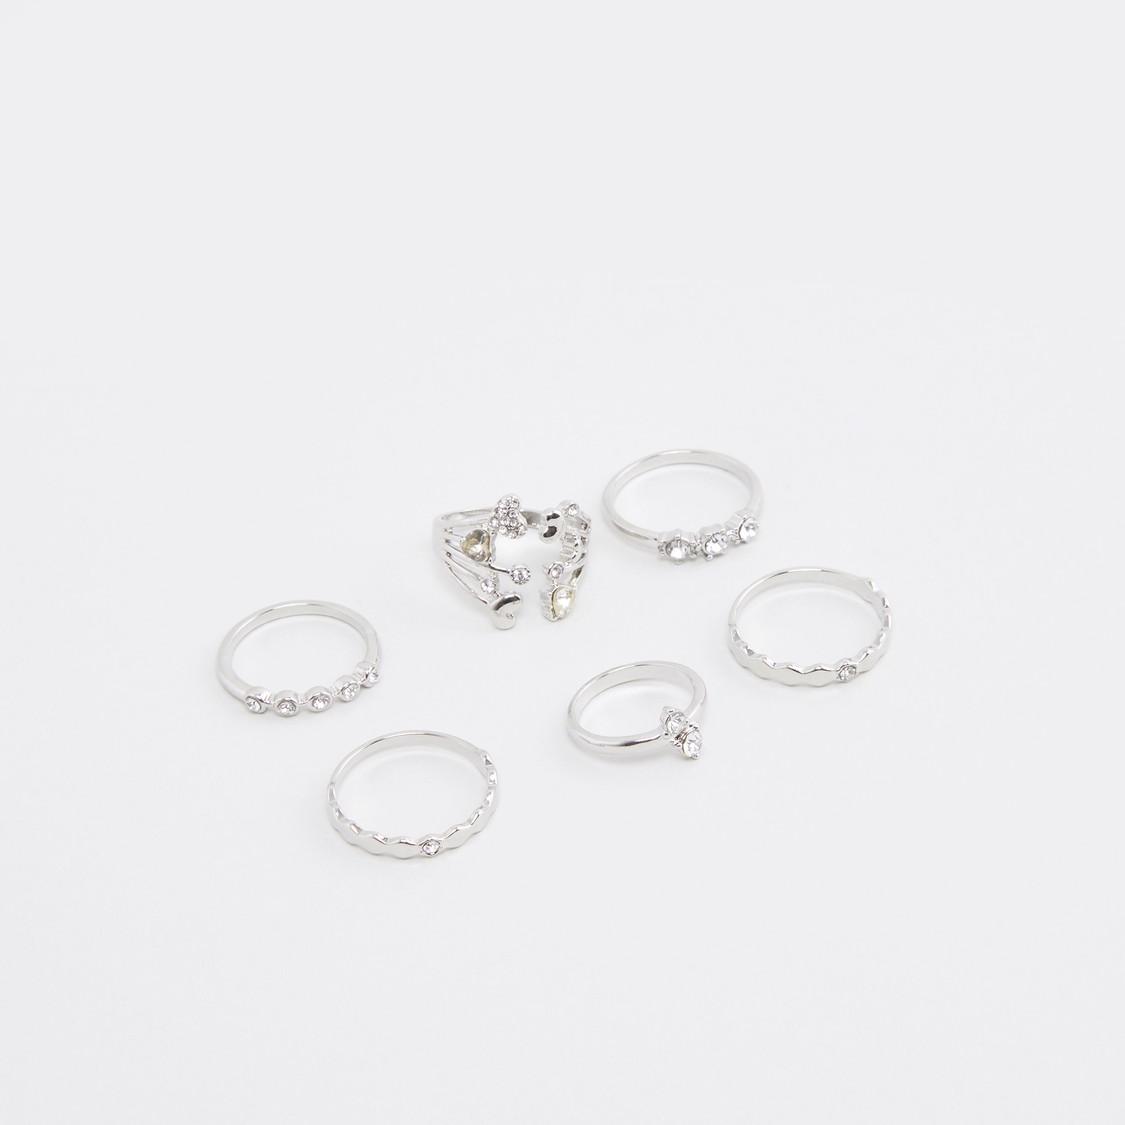 Set of 6 - Studded Metallic Finger Rings